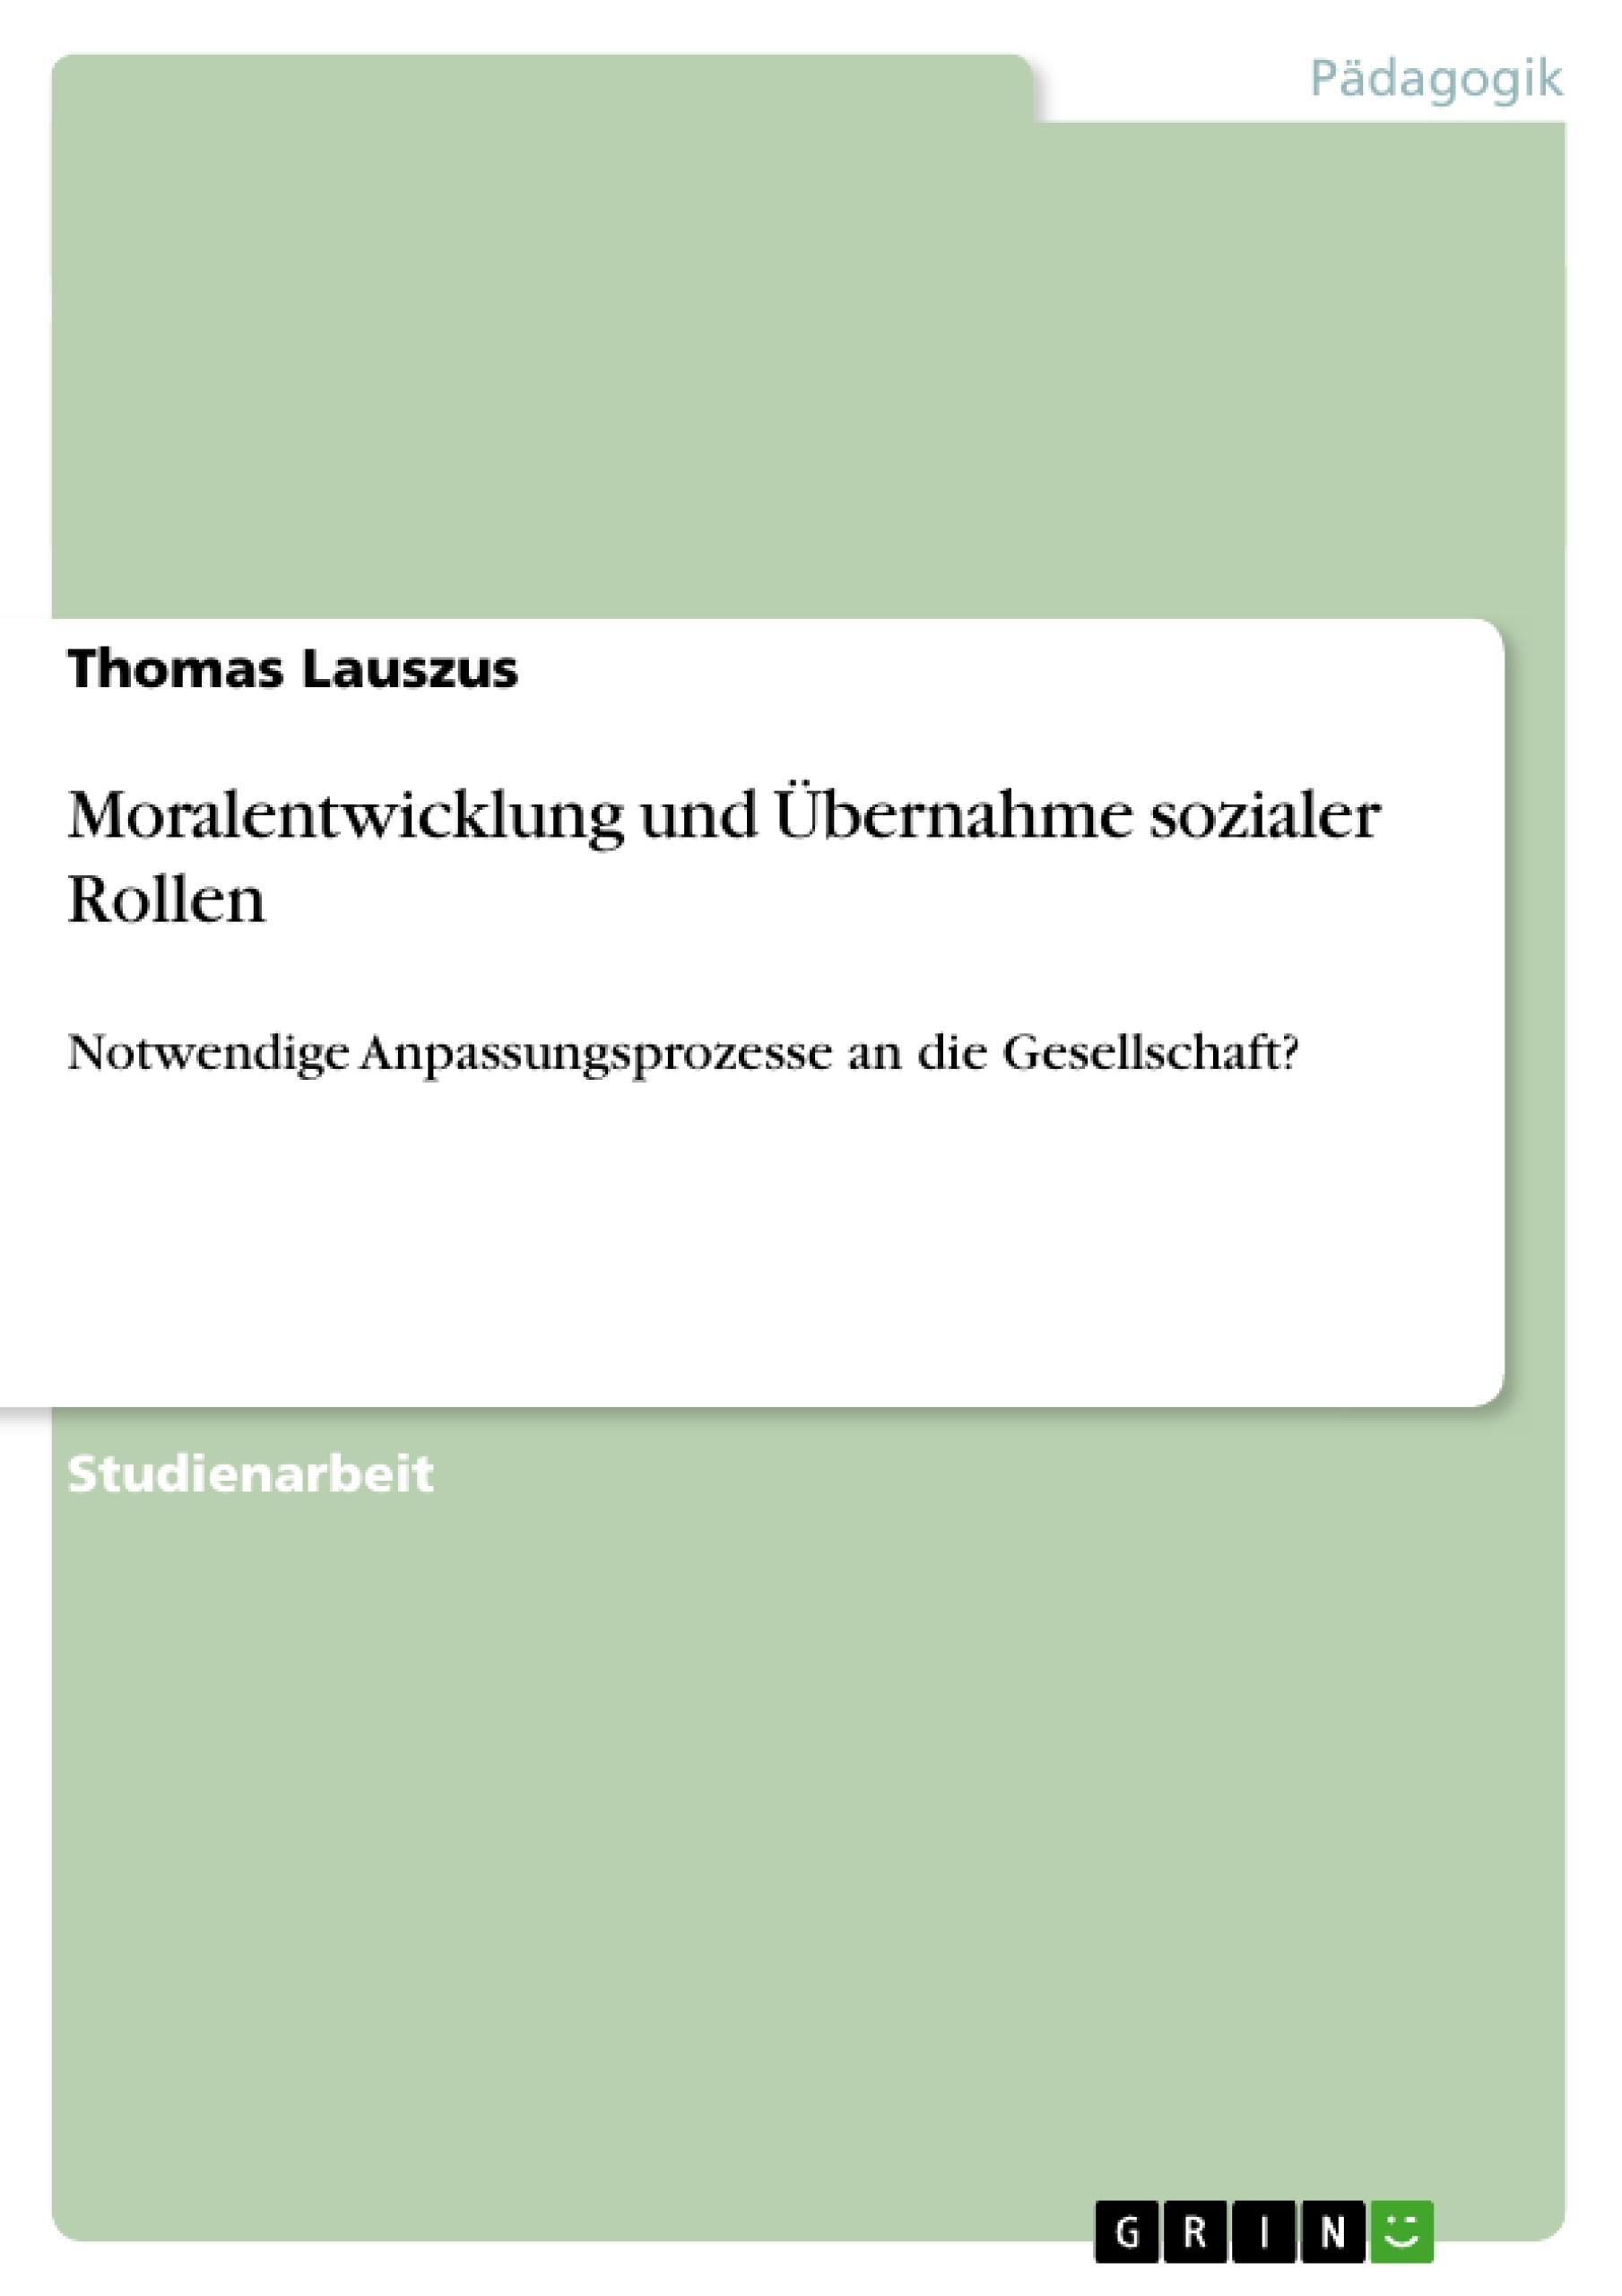 Titel: Moralentwicklung und Übernahme sozialer Rollen